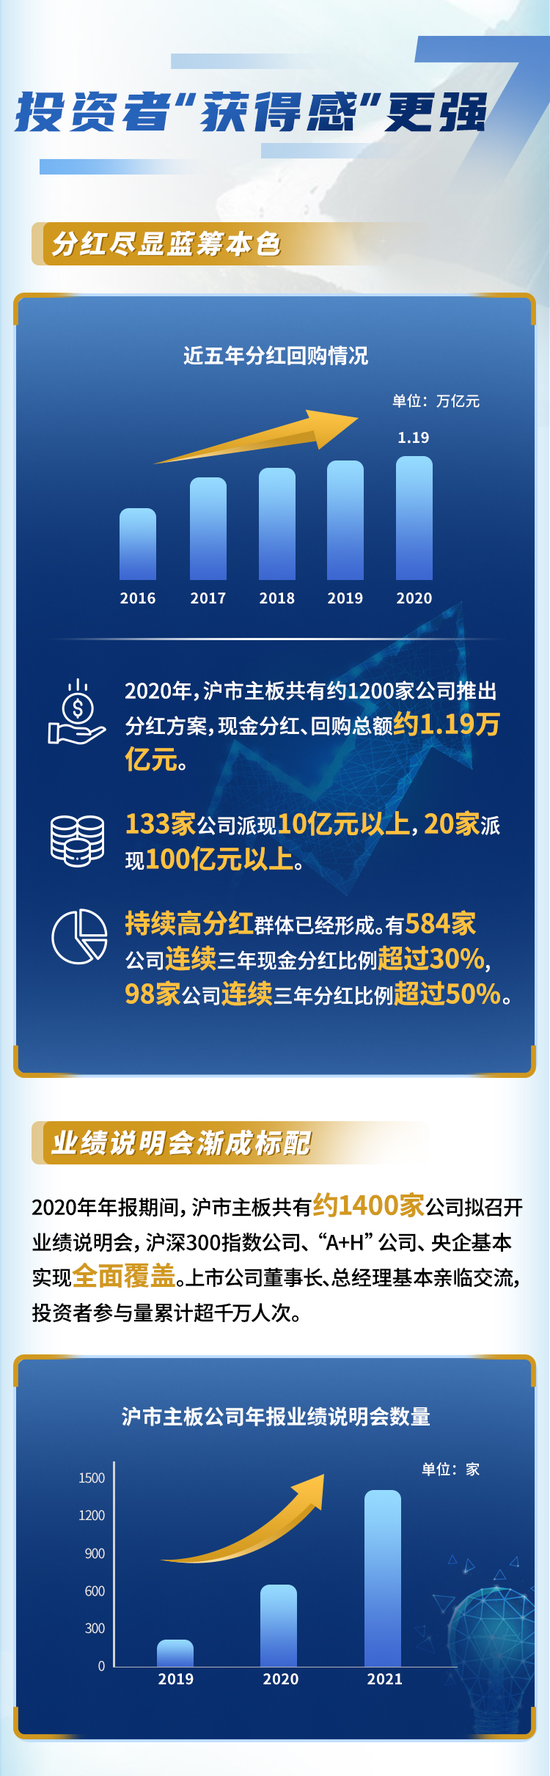 上交所:2020年沪市主板上市公司净利润3.07万亿 分红回购约1.19万亿